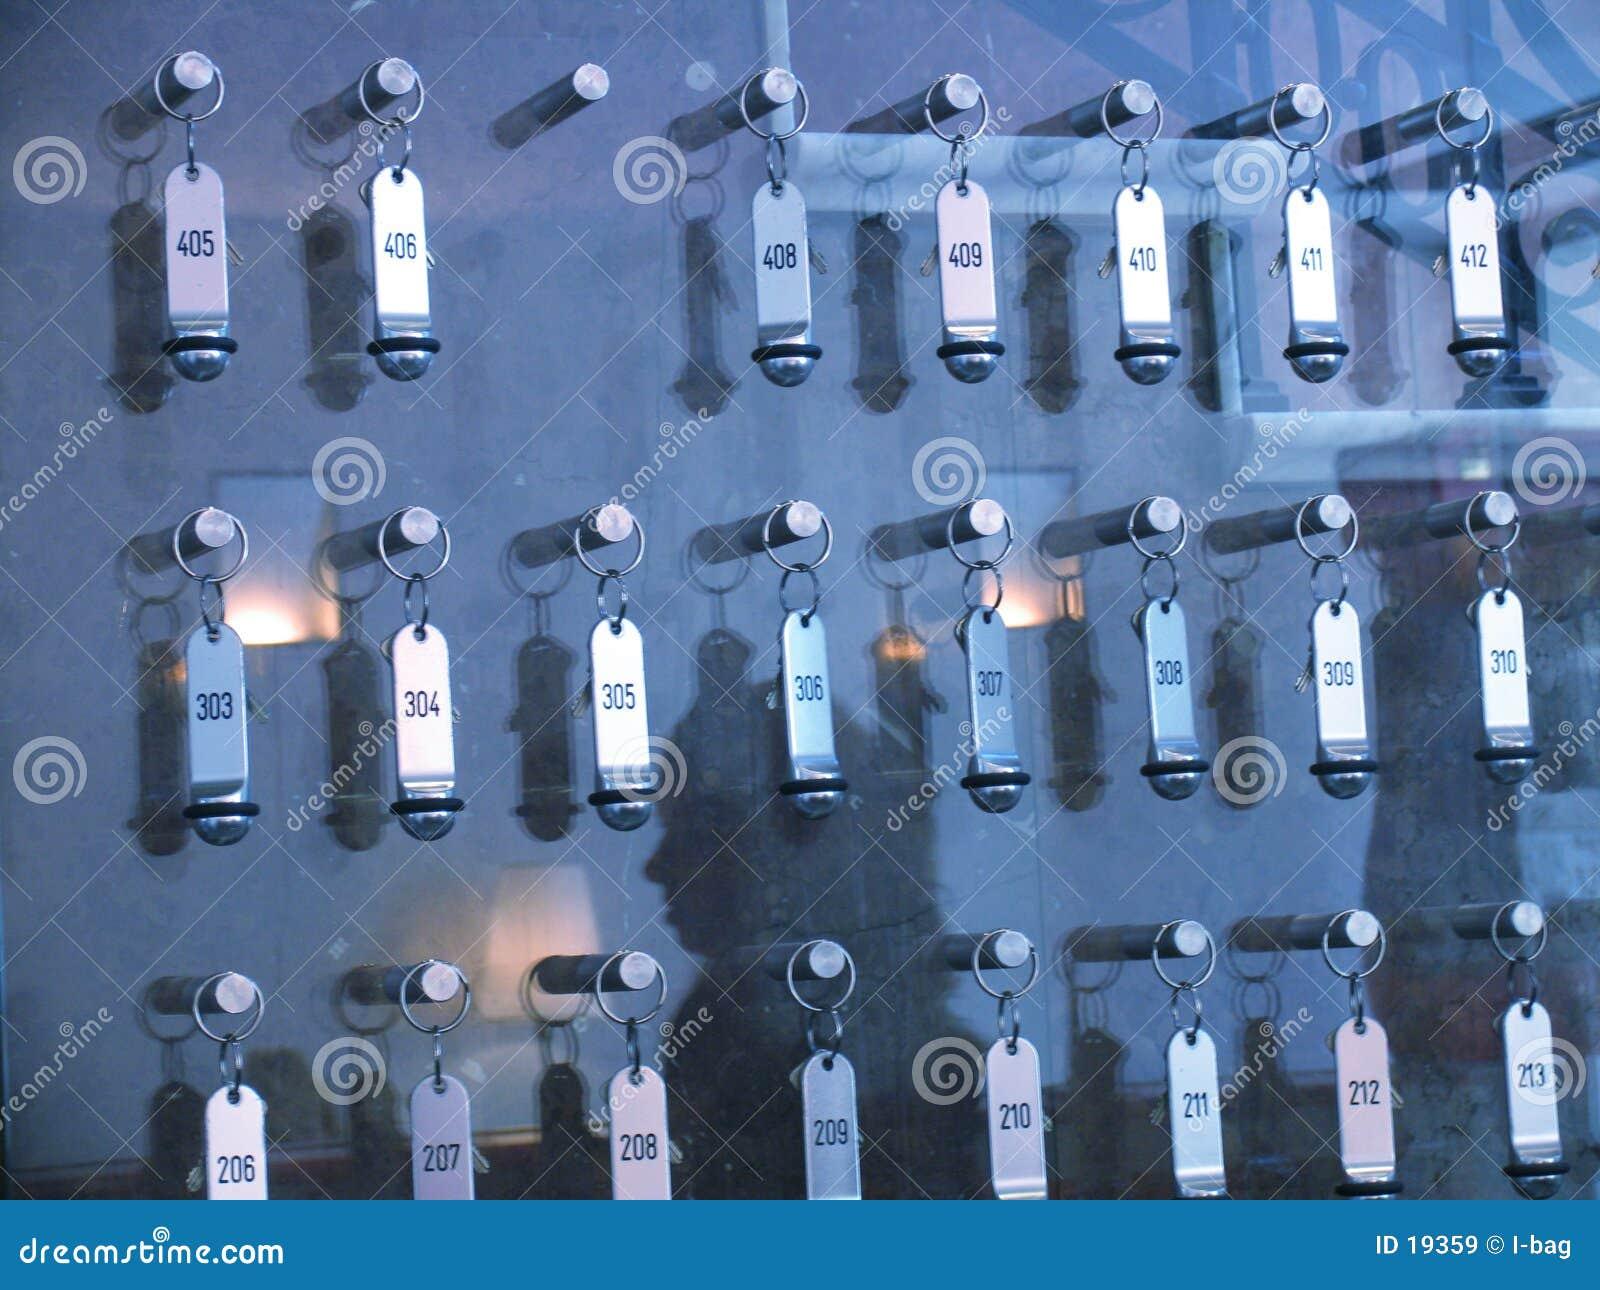 Hotel keys board